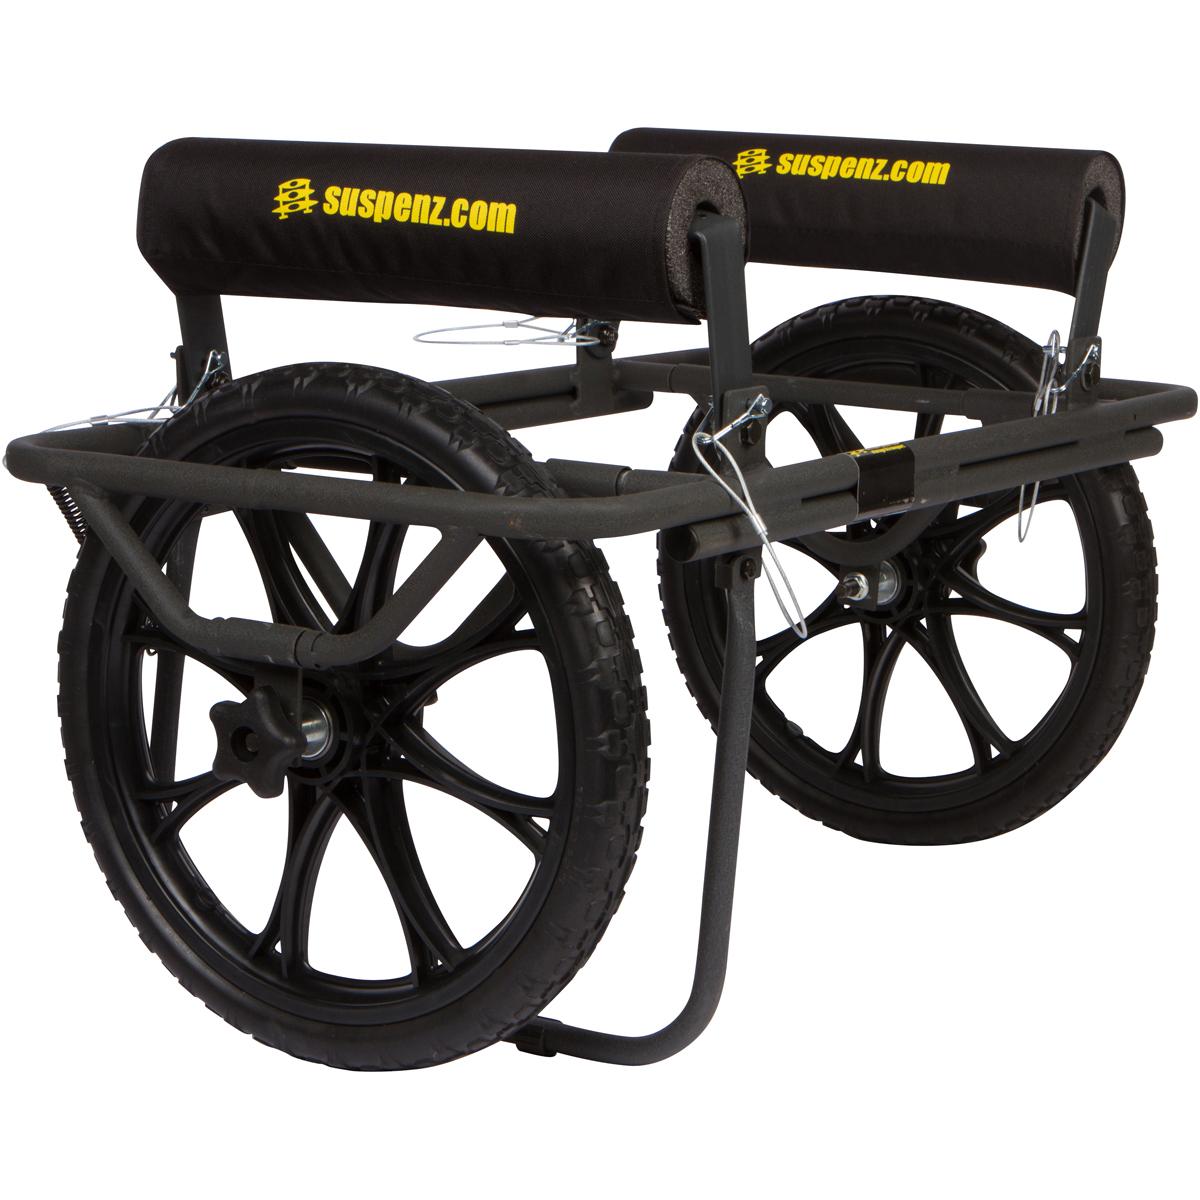 Suspenz All-Terrain Super Duty Airless Cart - P2